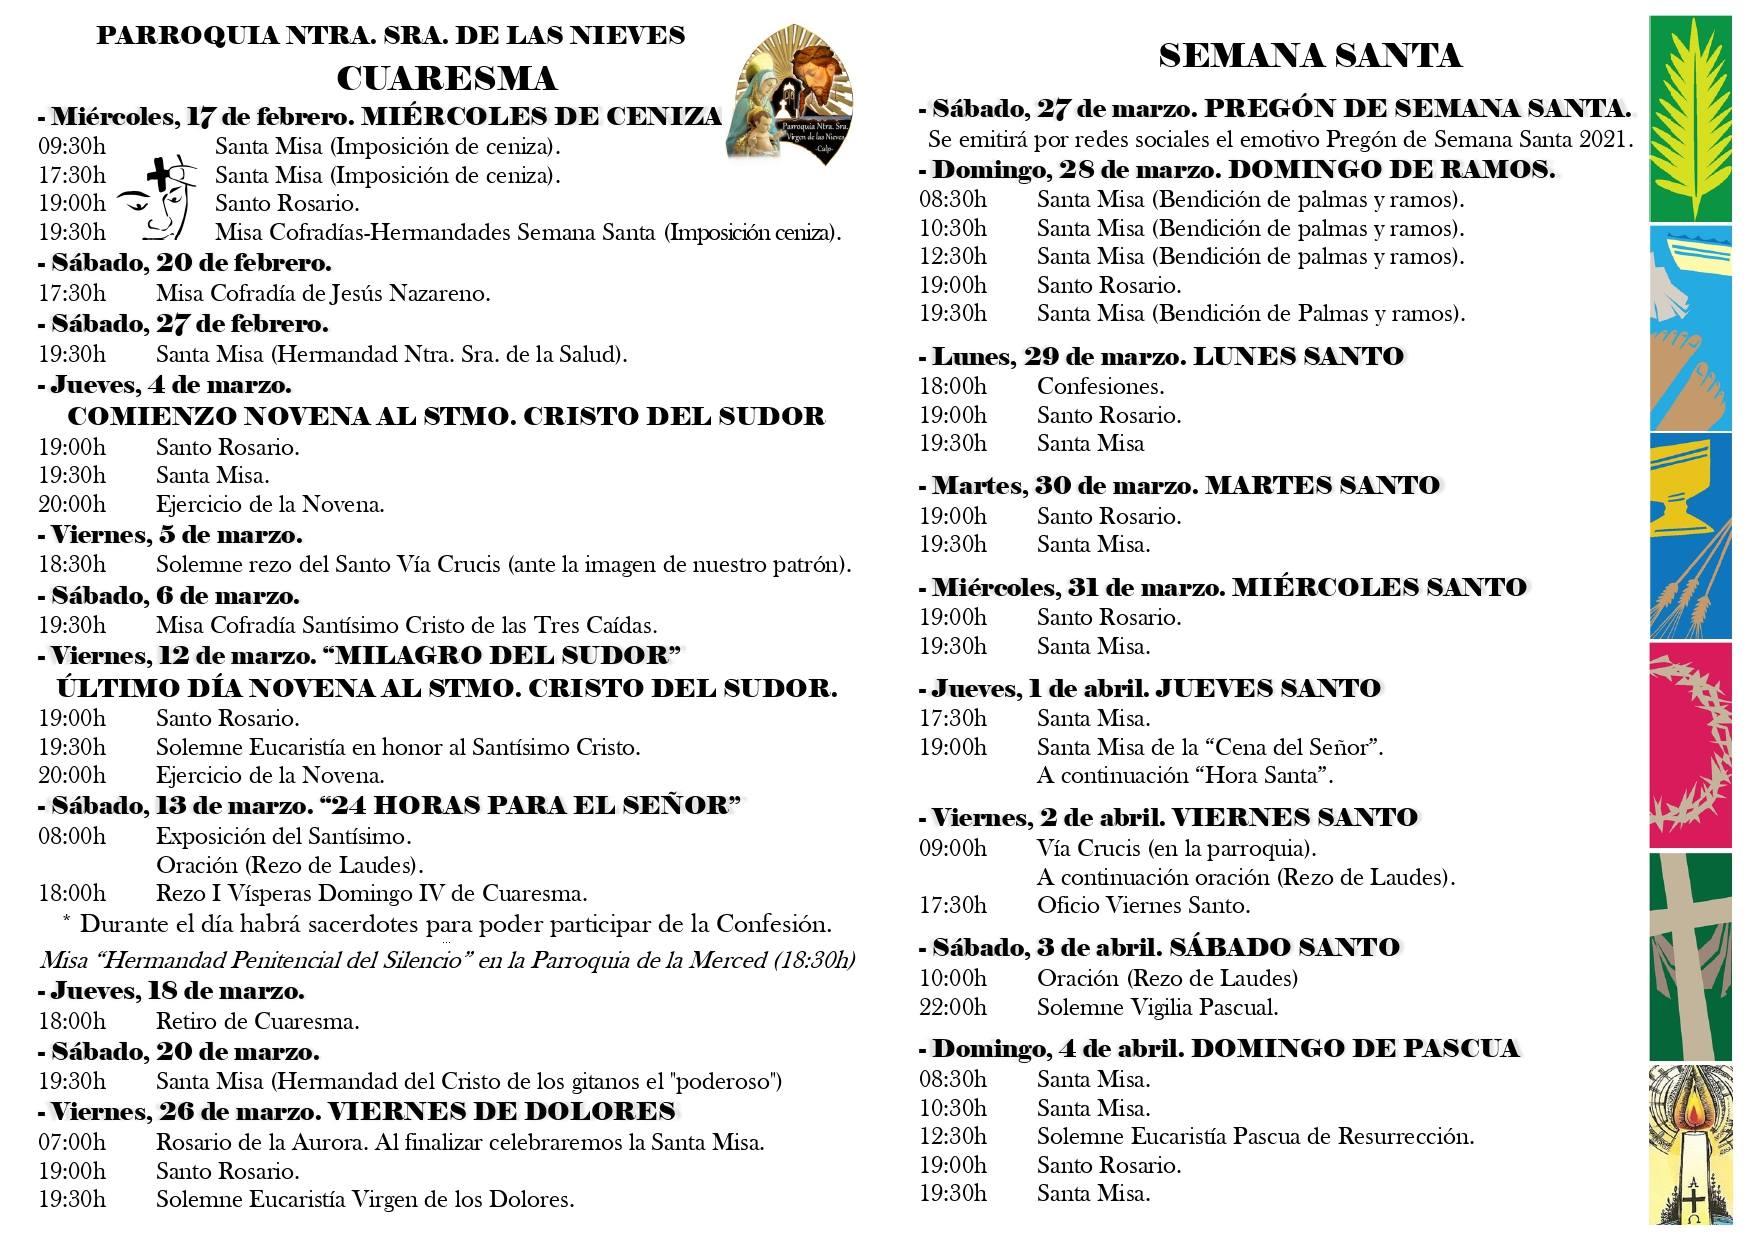 Programación de Semana Santa 2021 en Calpe - Ntra. Sra. de las Nieves